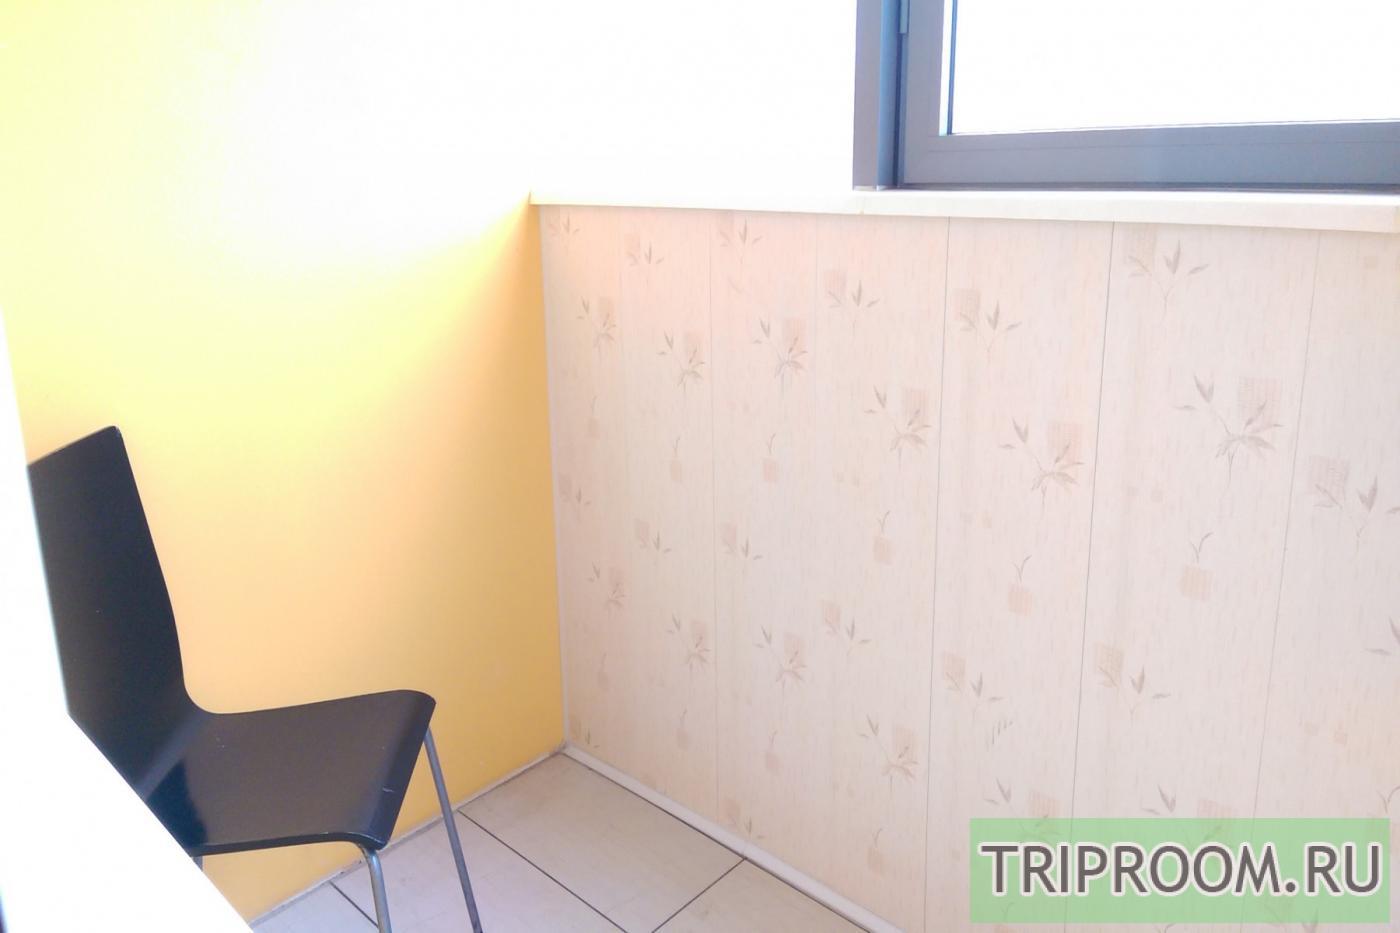 1-комнатная квартира посуточно (вариант № 31560), ул. Гжатская улица, фото № 16